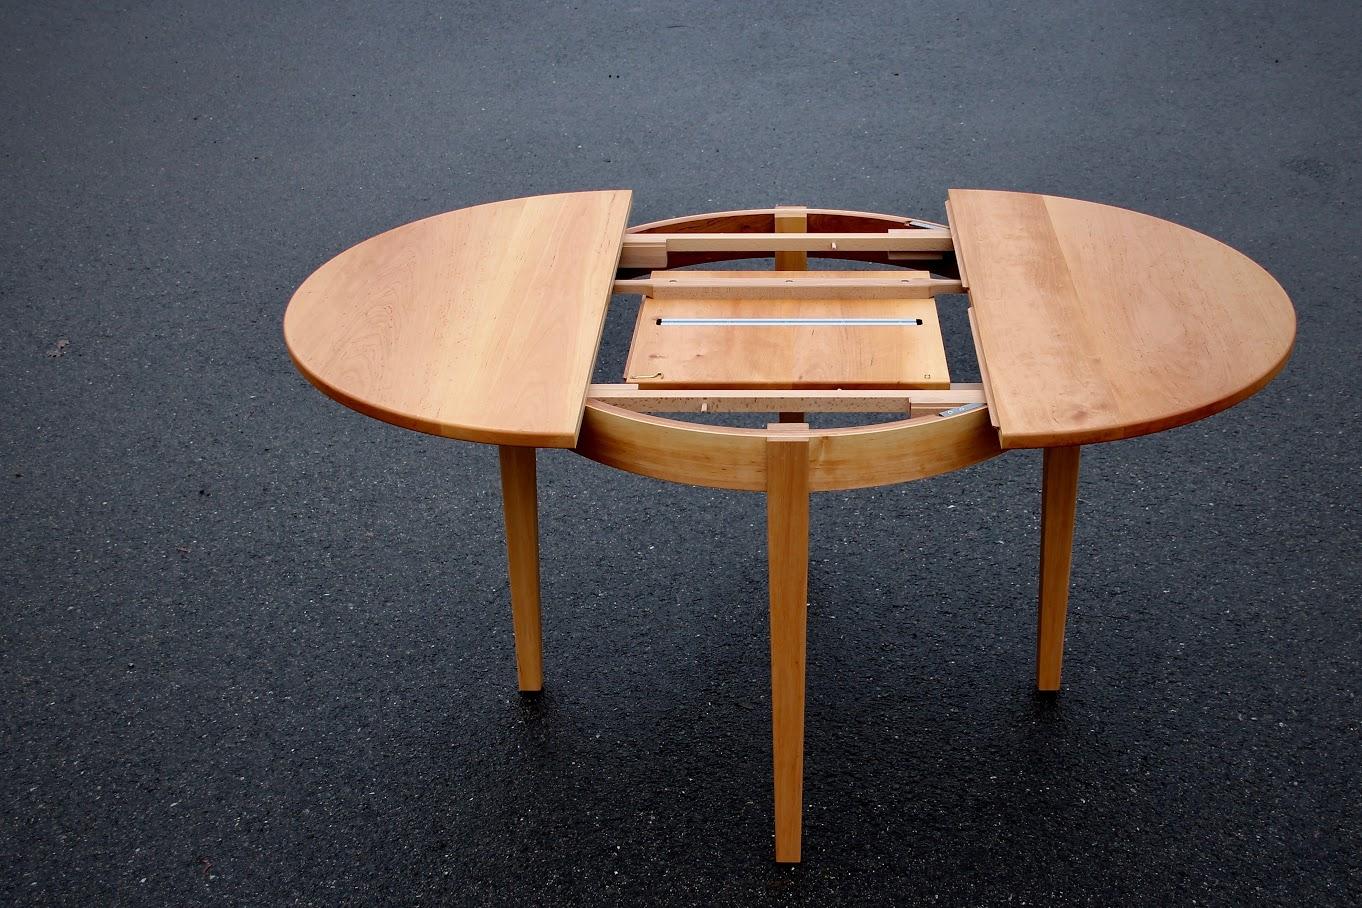 Runder Tisch Zum Ausziehen Aus Holz – Caseconrad.com